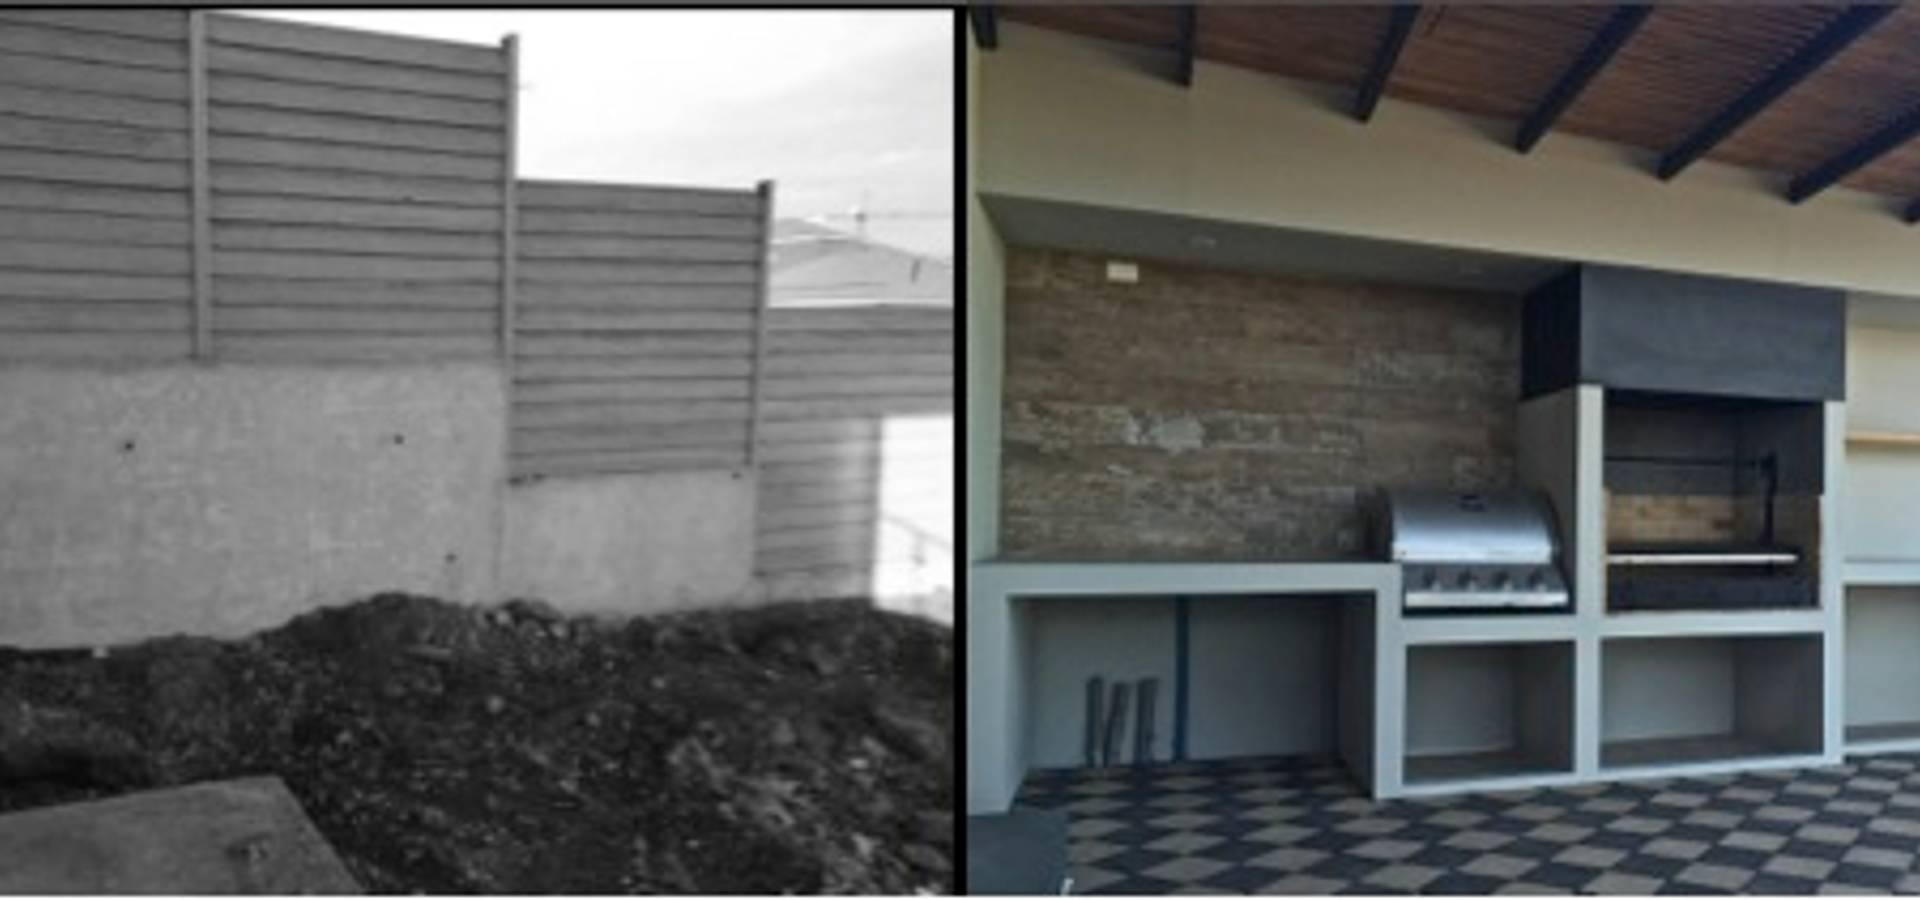 Arqui-K Arquitectura y Paisajismo